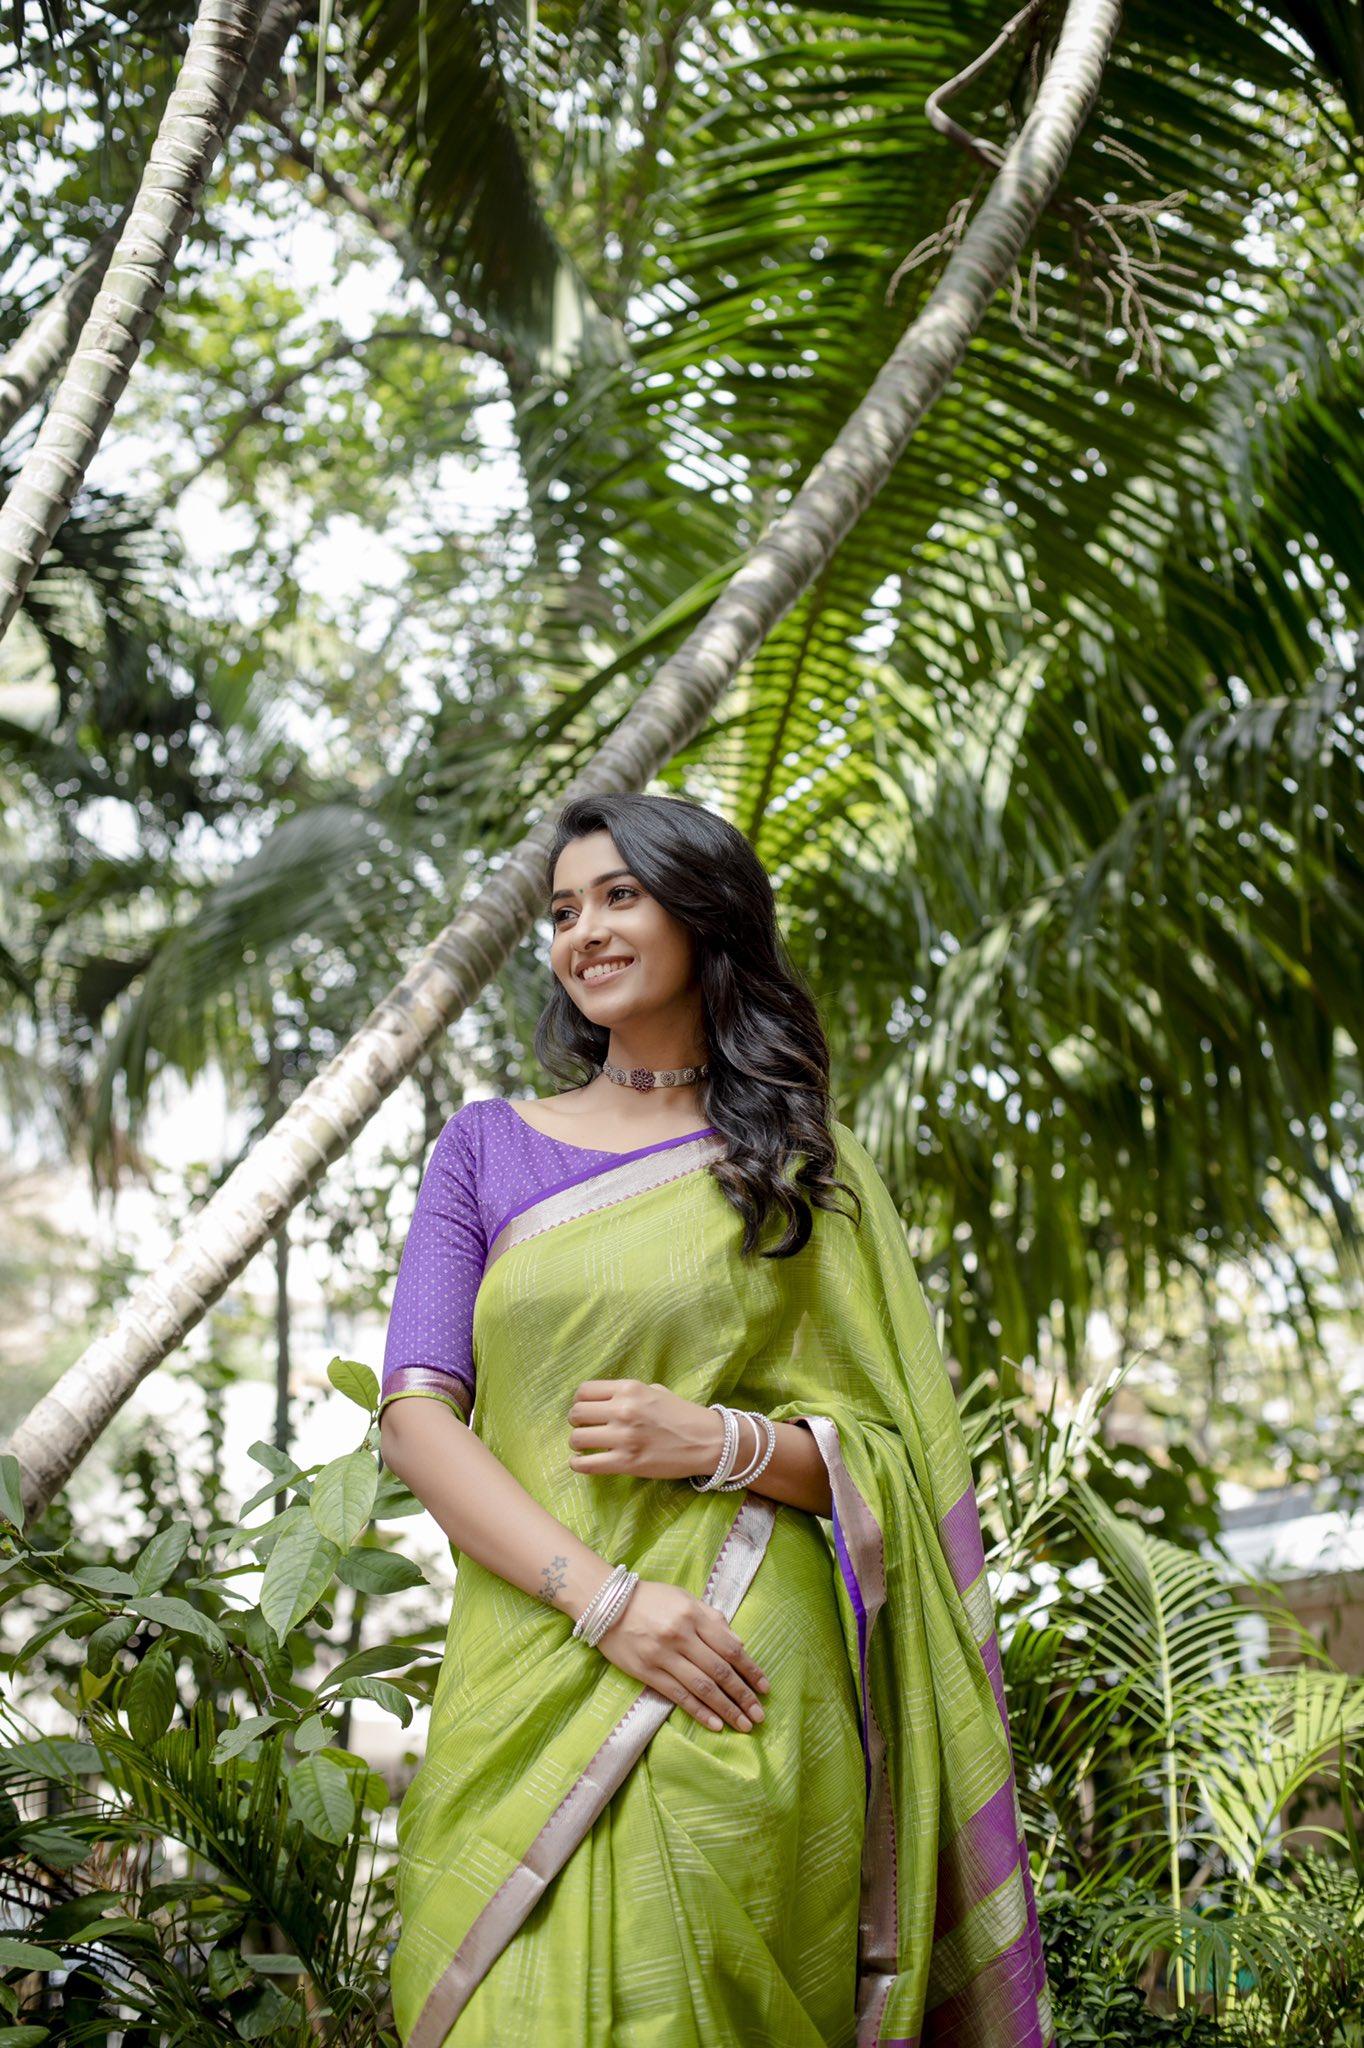 நடிகை ப்ரியா பவானி சங்கர் (Image :Twitter @priya_Bshankar)